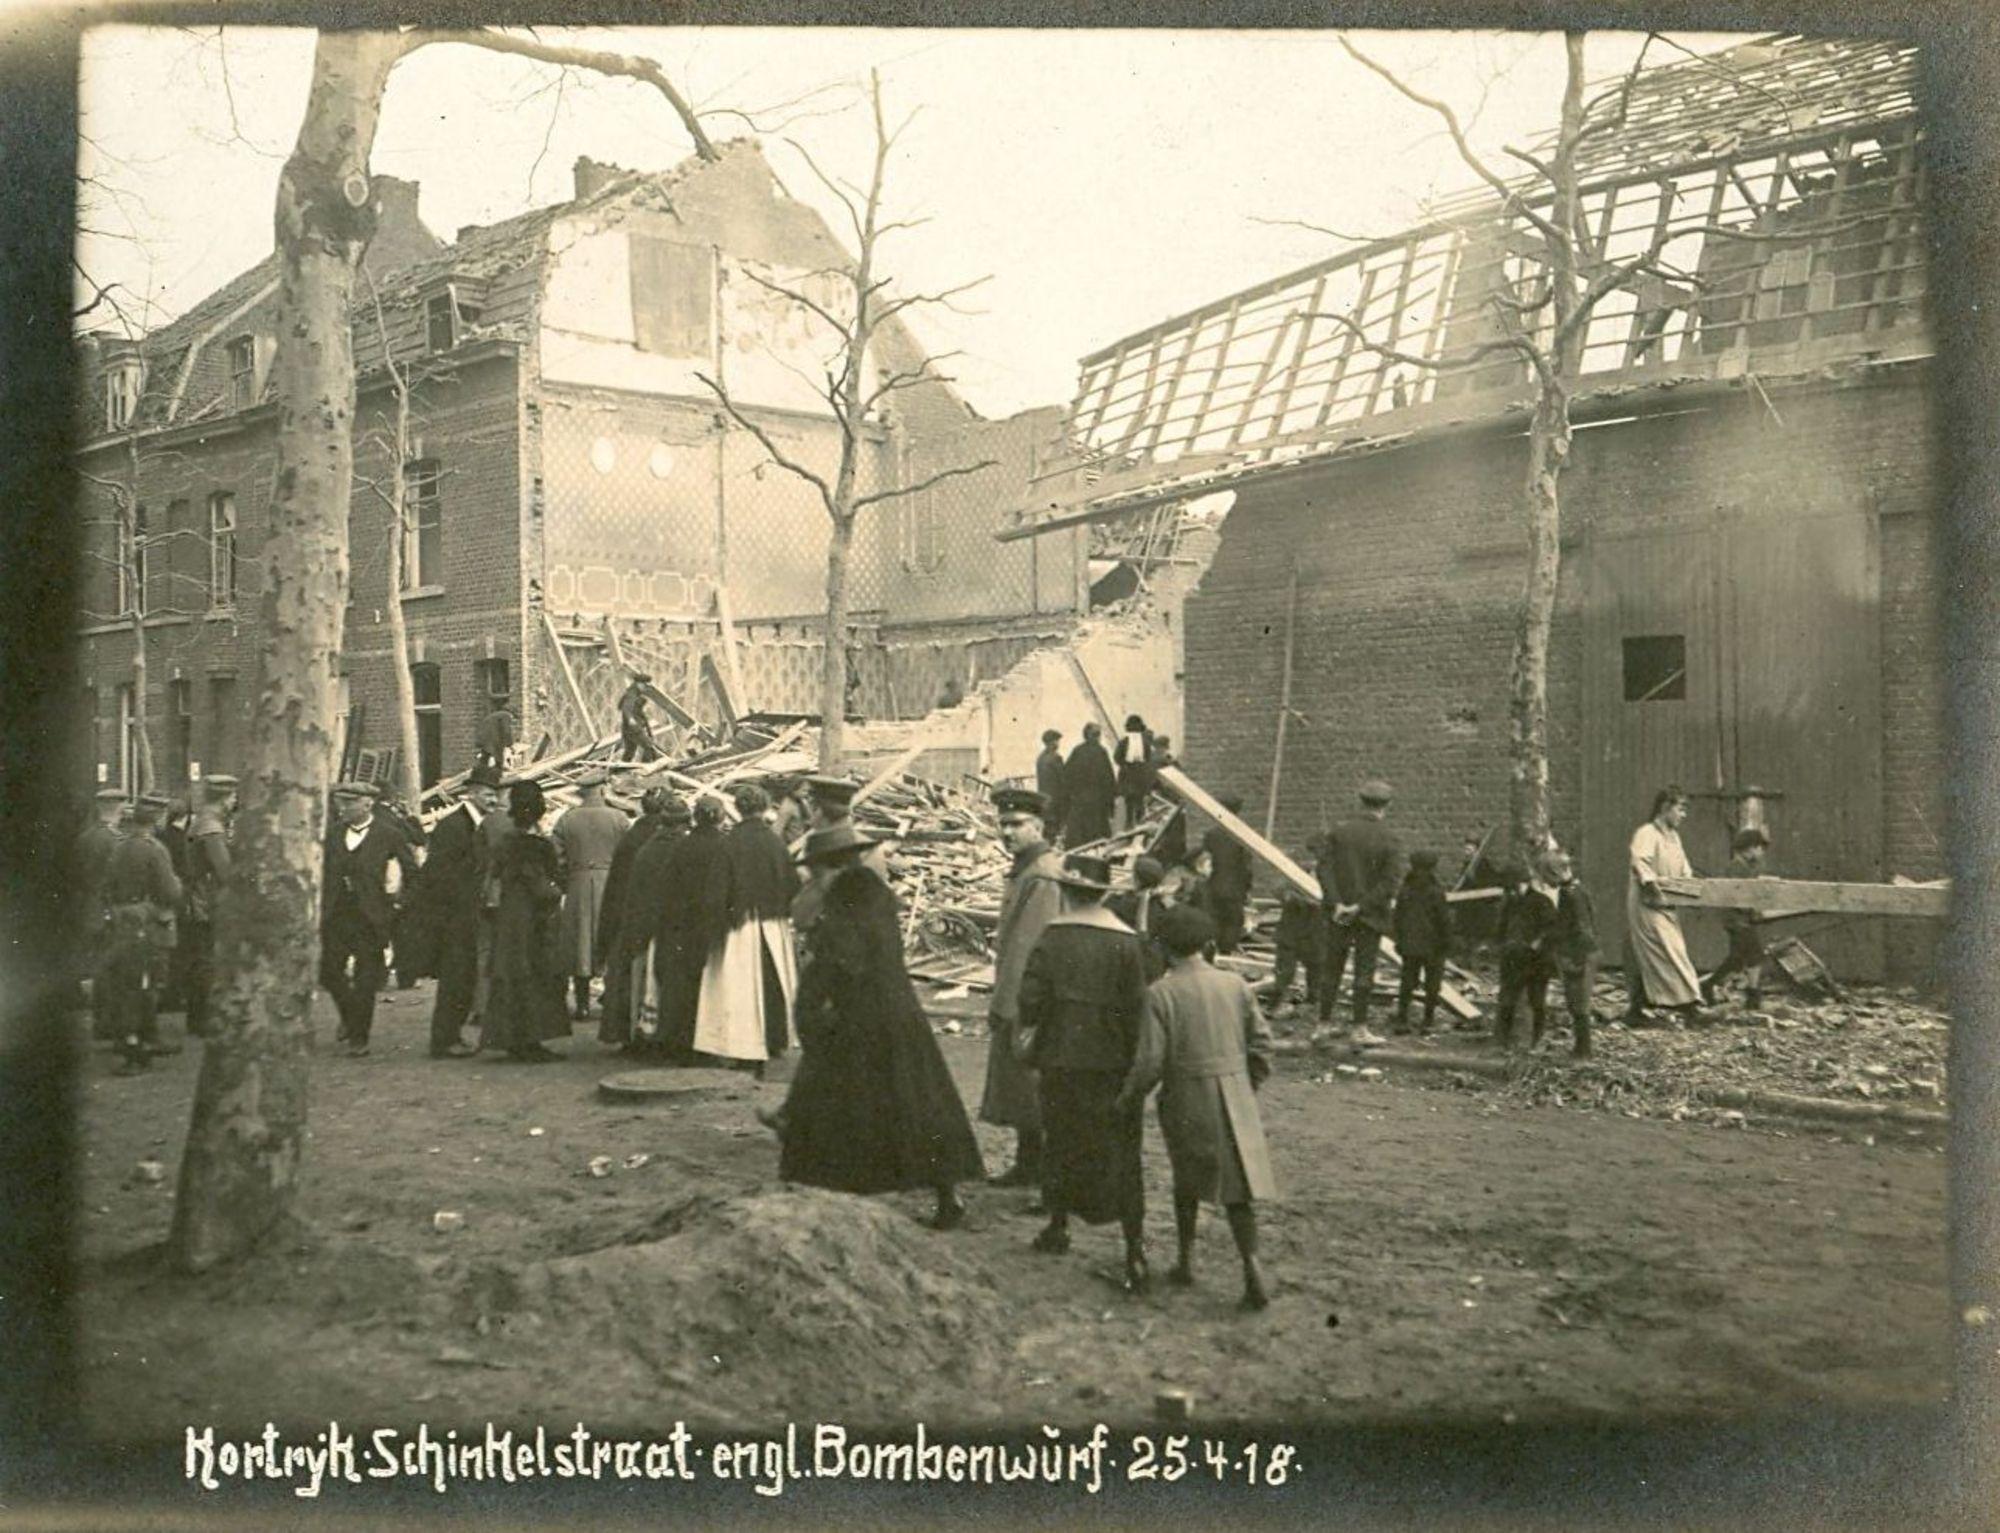 Burgemeester Schinkelstraat in 1918